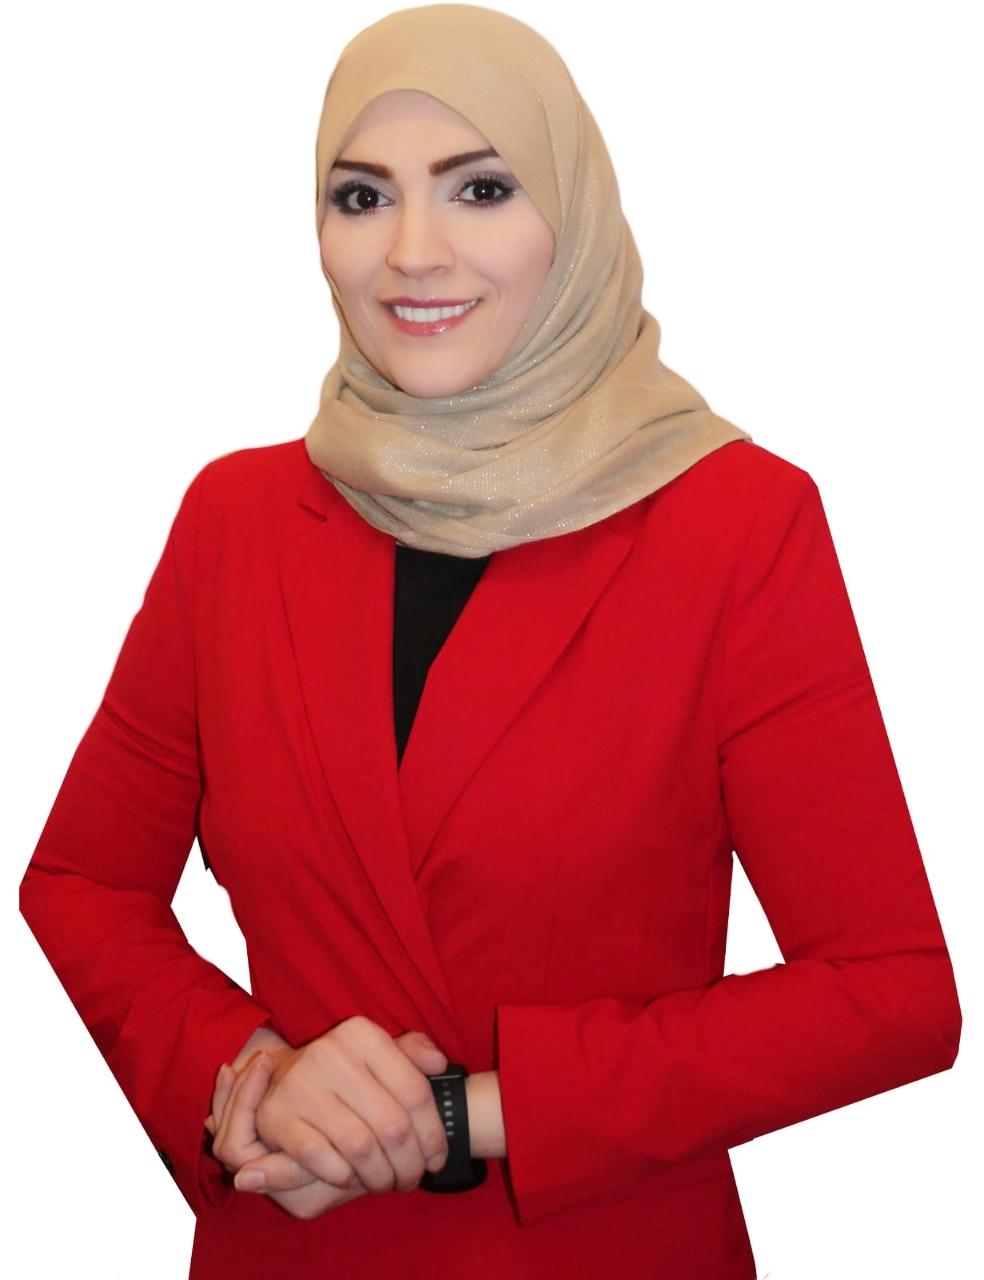 أسماء عباس